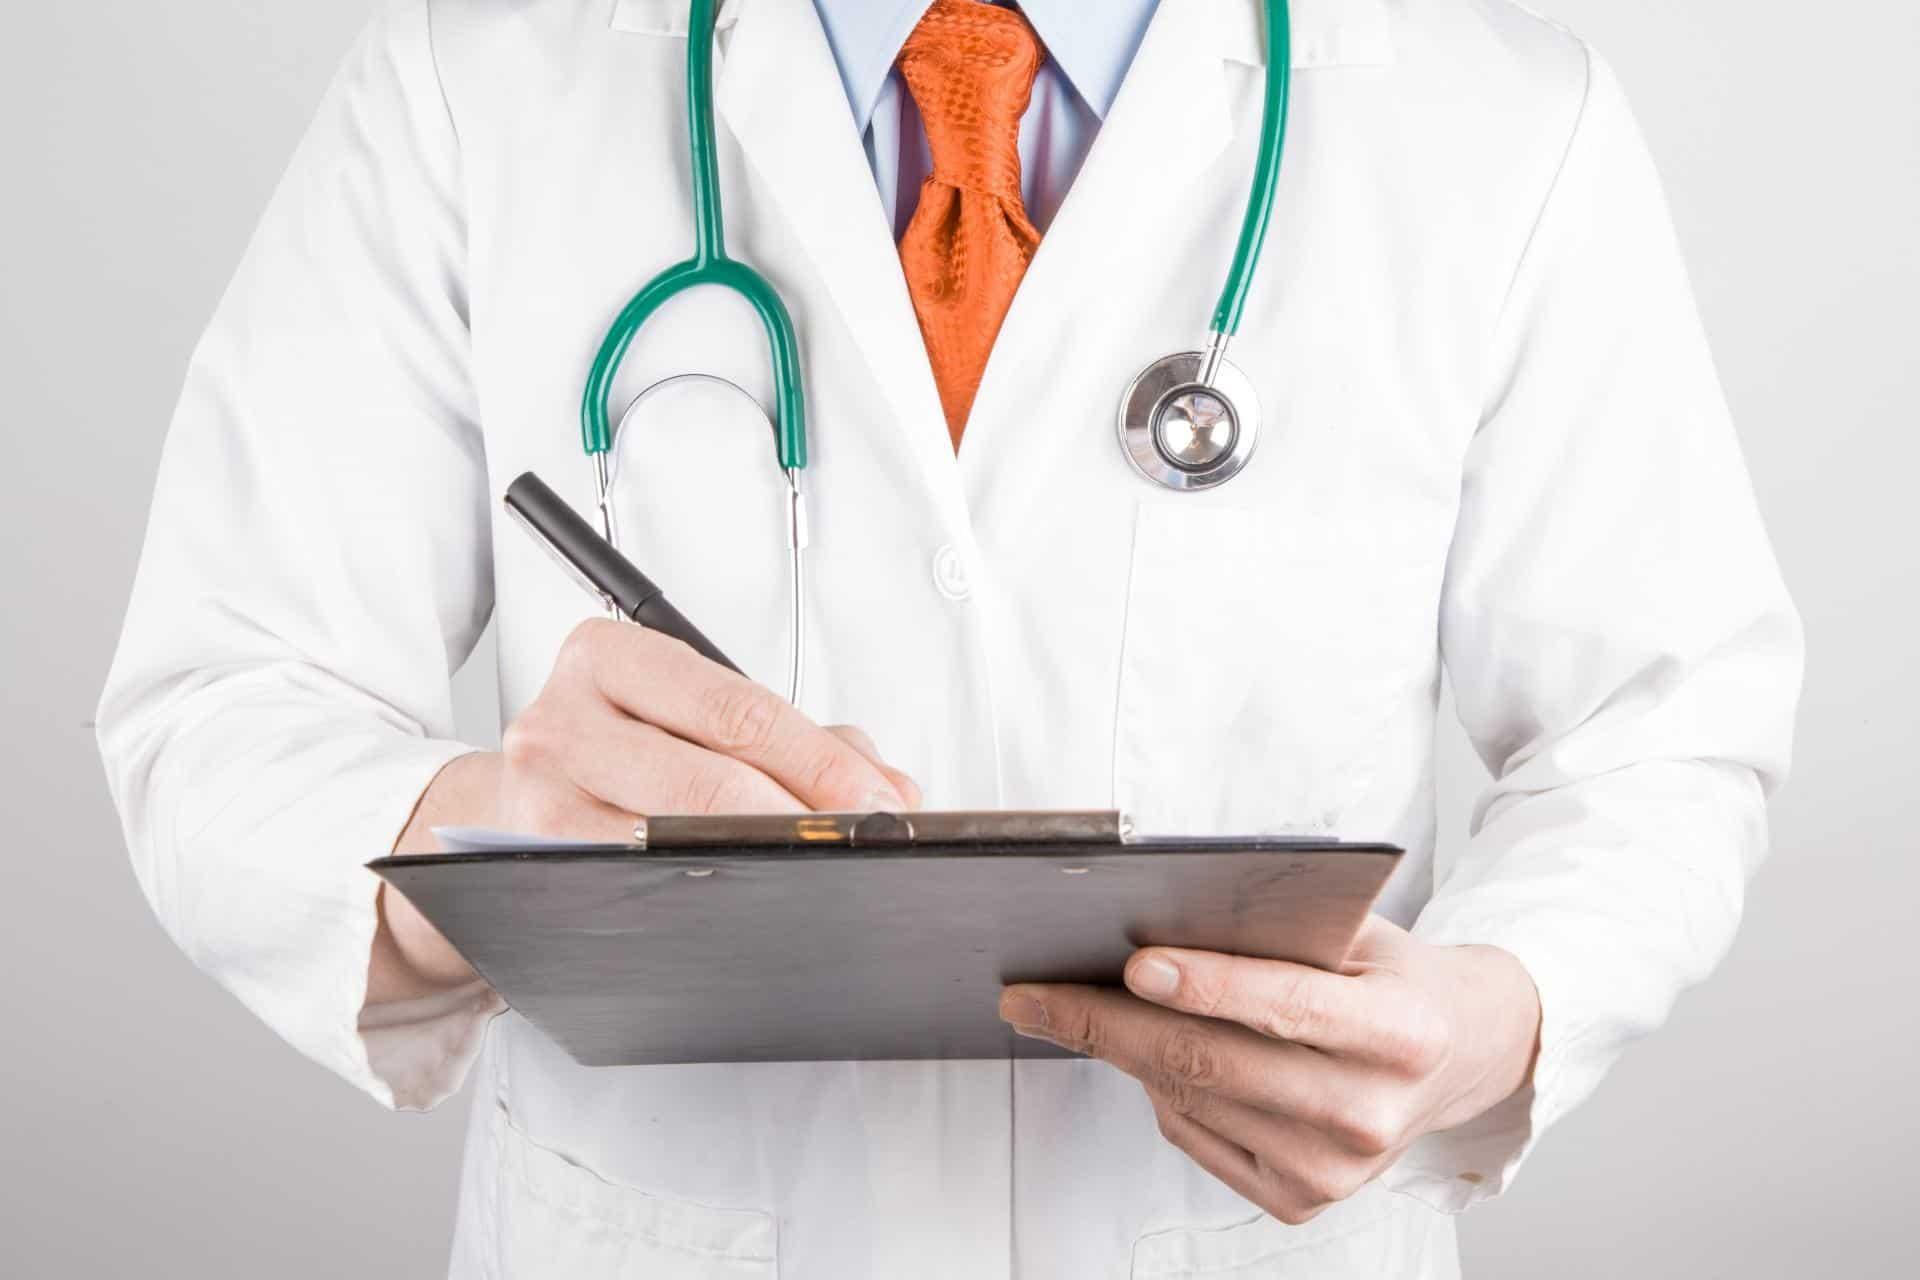 Η Ενημέρωση του Ασθενή Οδηγεί στην Αποτελεσματική Θεραπεία Y1